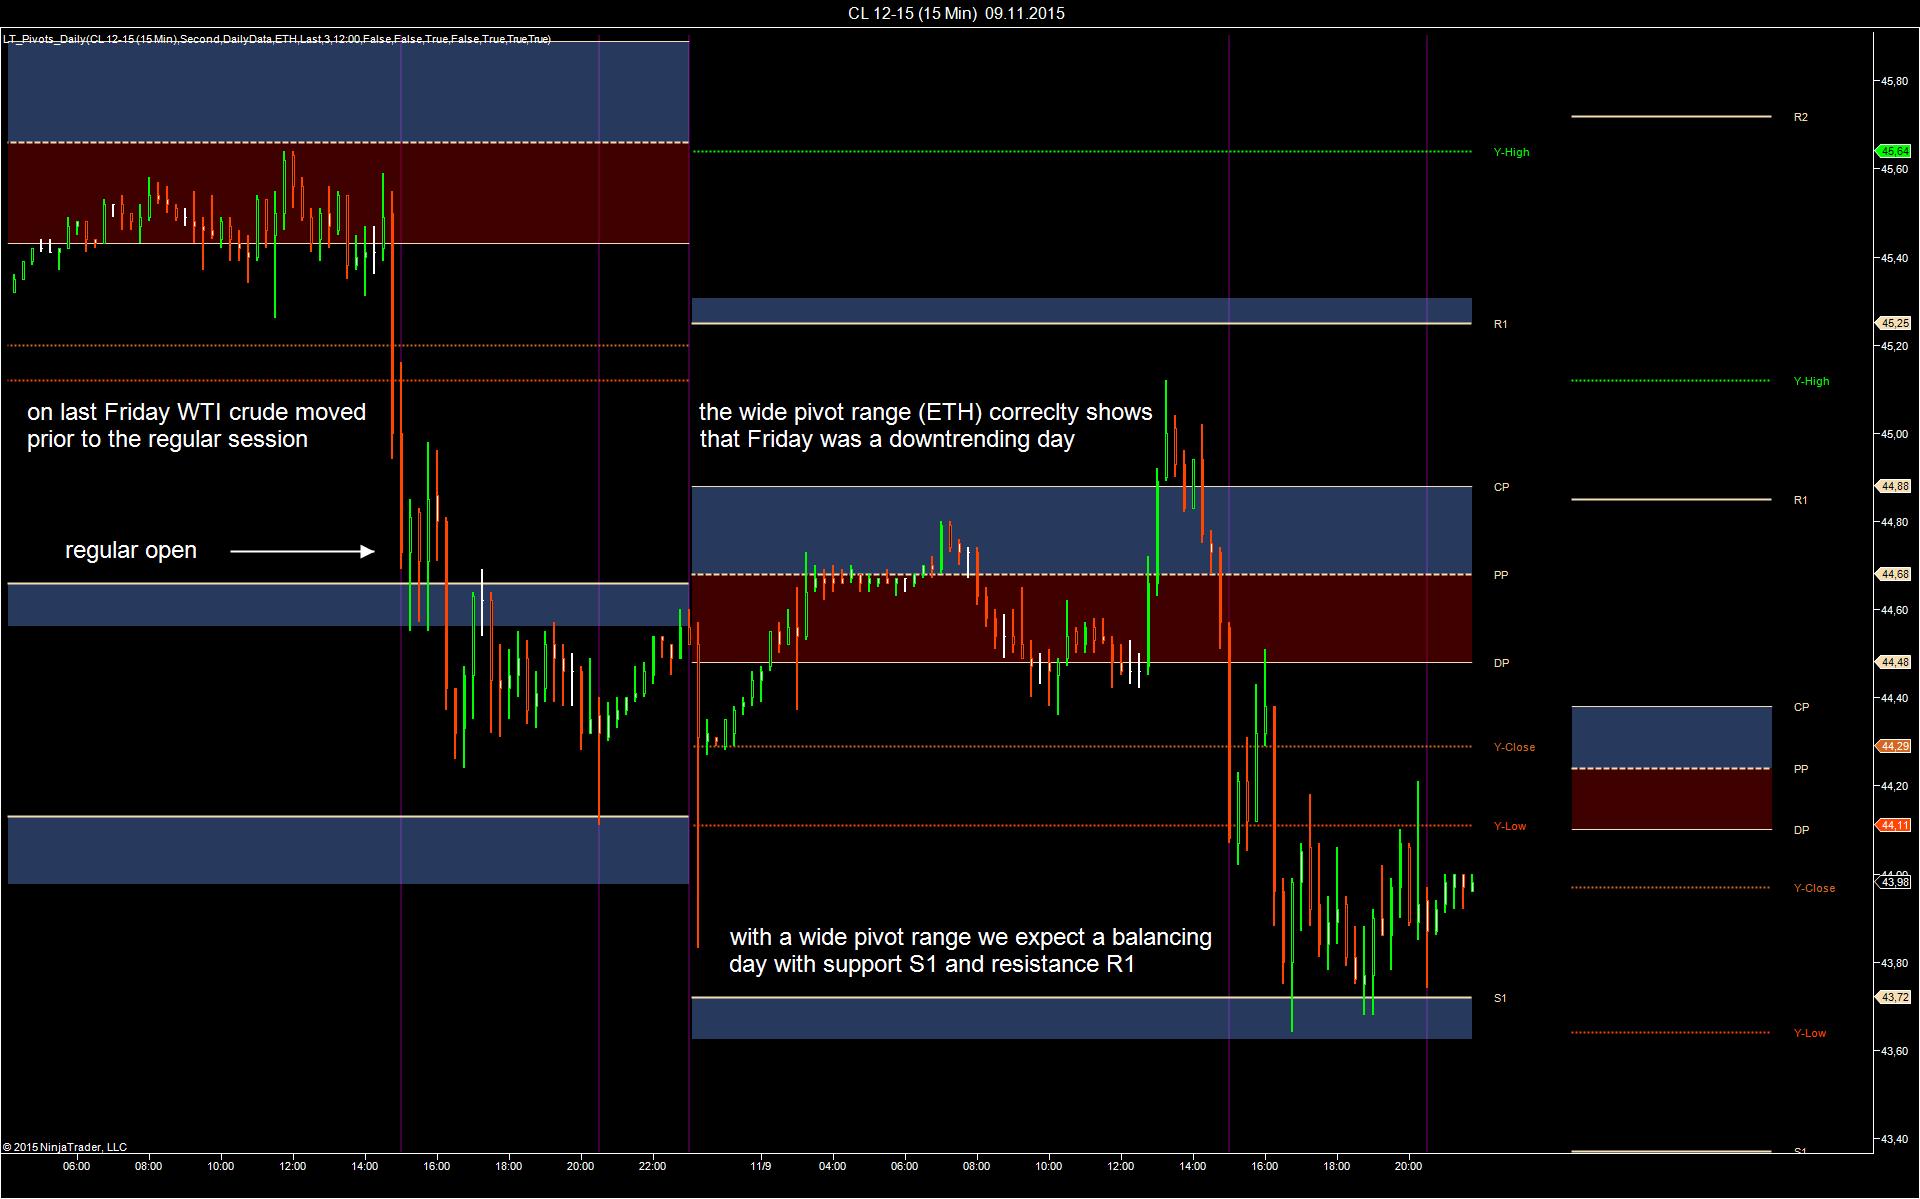 risiko vs forex vs saham